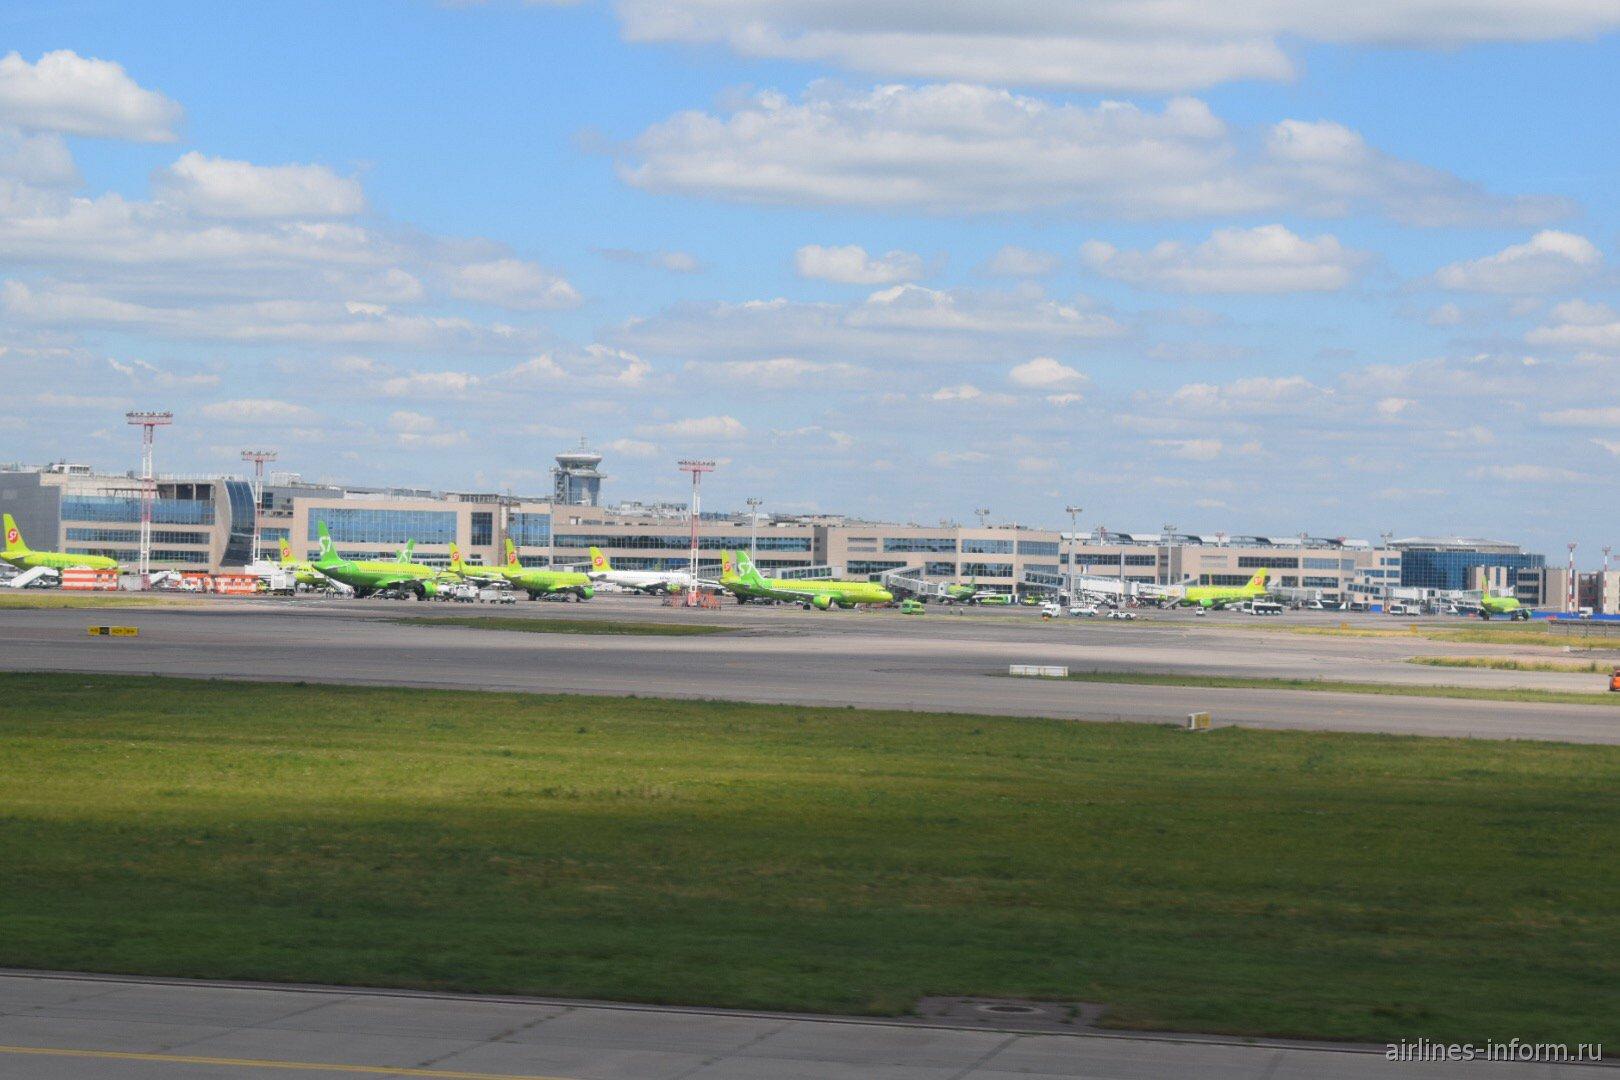 Аэровокзальный комплекс аэропорта Домодедово